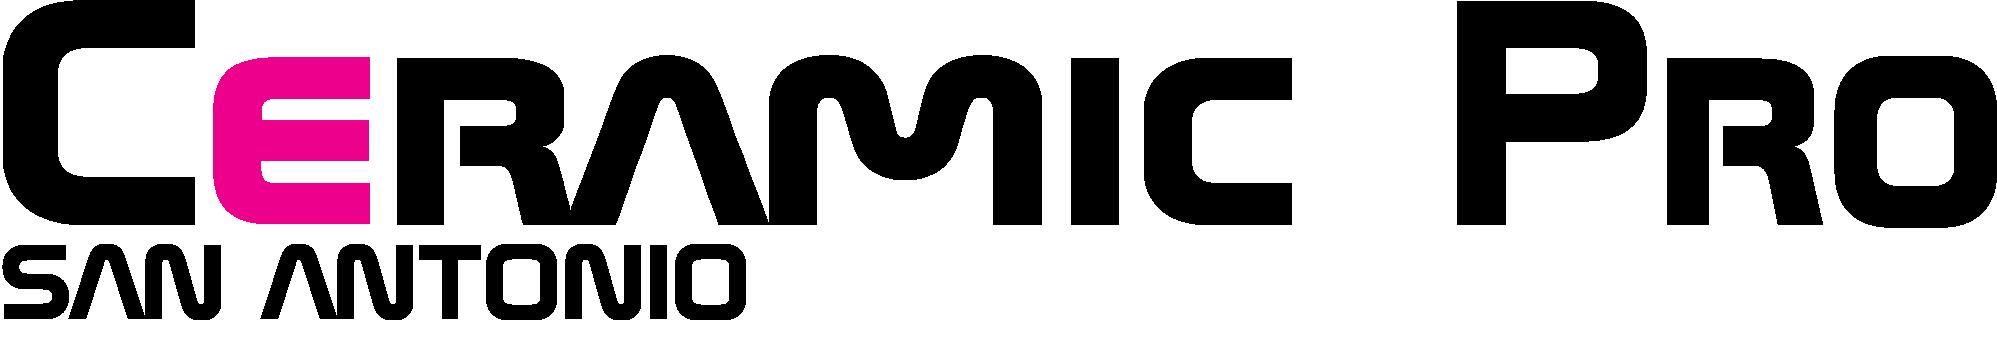 ceramic-pro-san-antonio